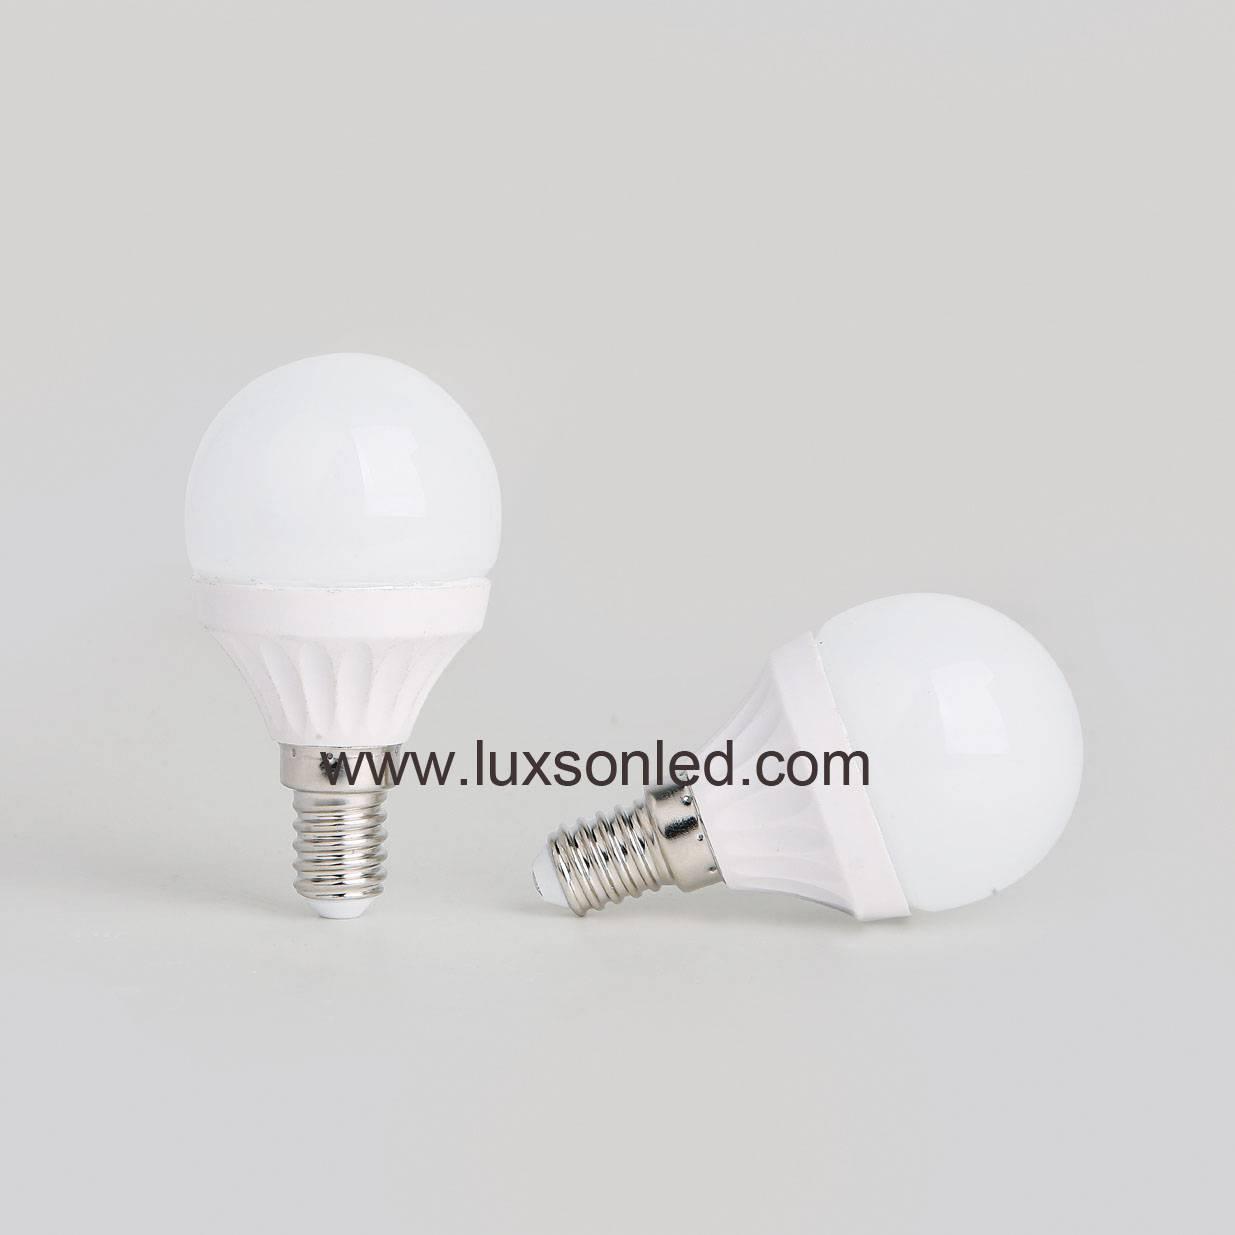 LED Bulb P45 3W 4W 6W LED Lamp LED Light Bulb